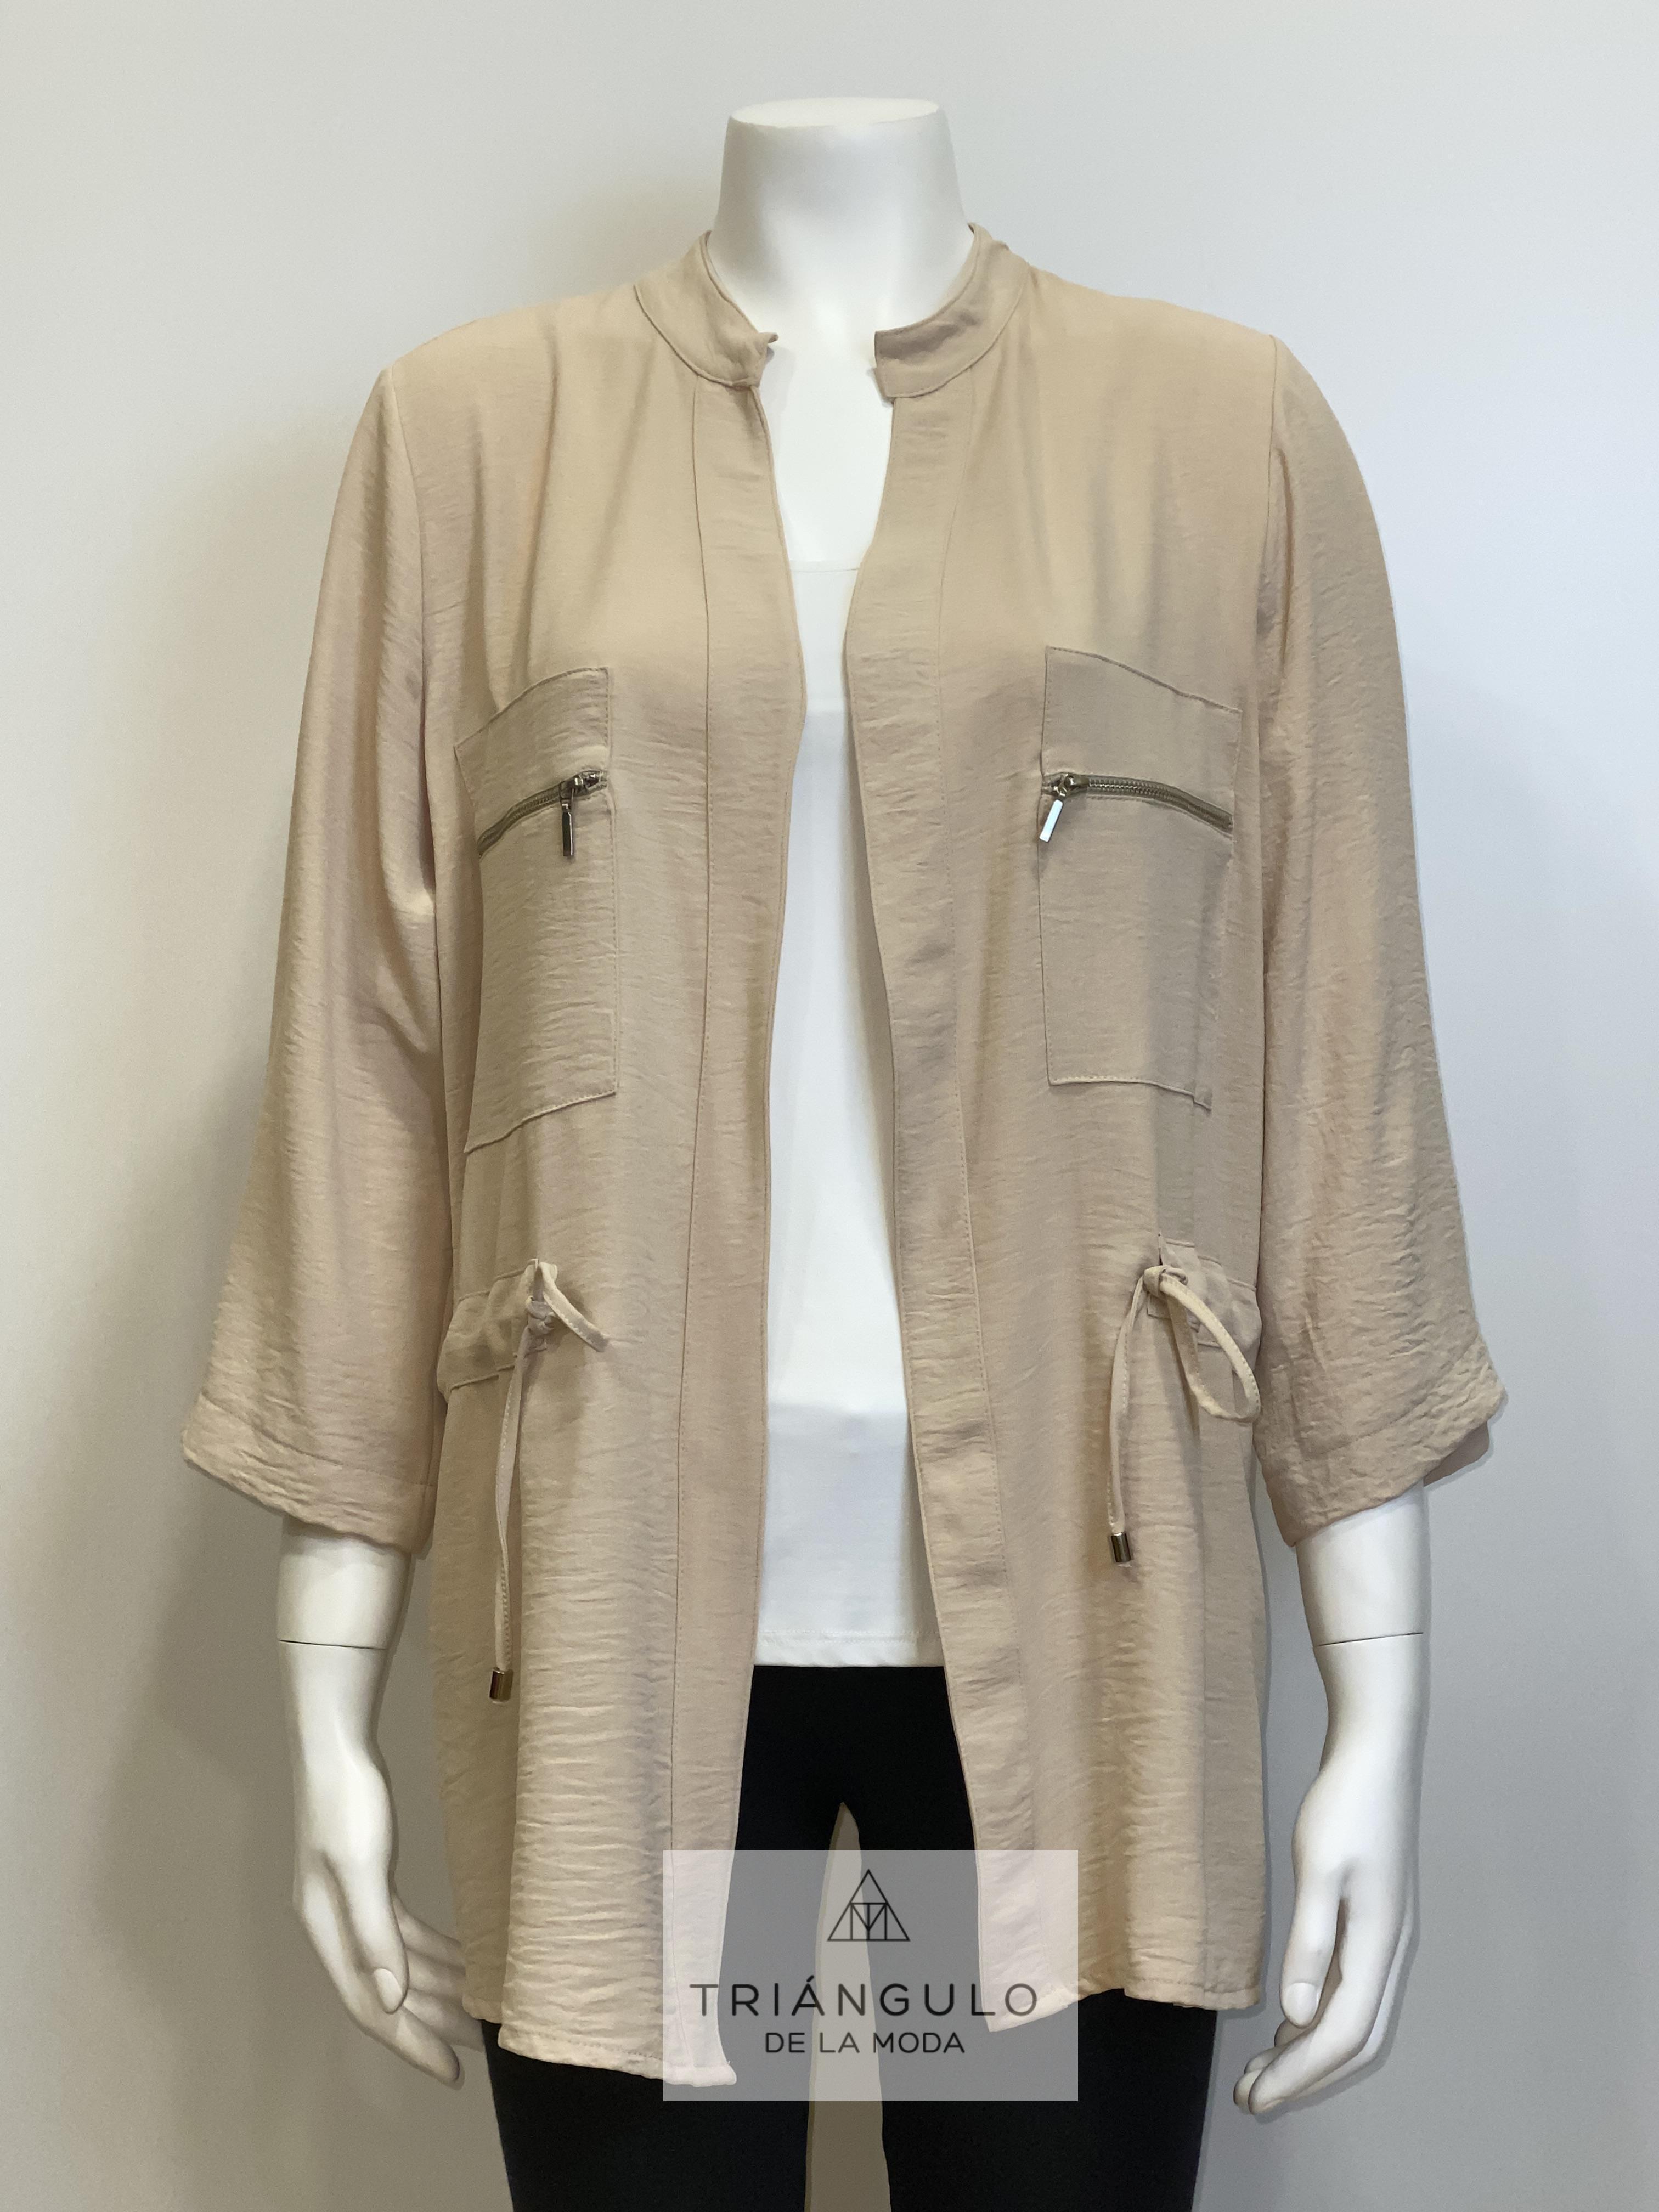 Tienda online del Triangulo de la Moda SAHARIANA